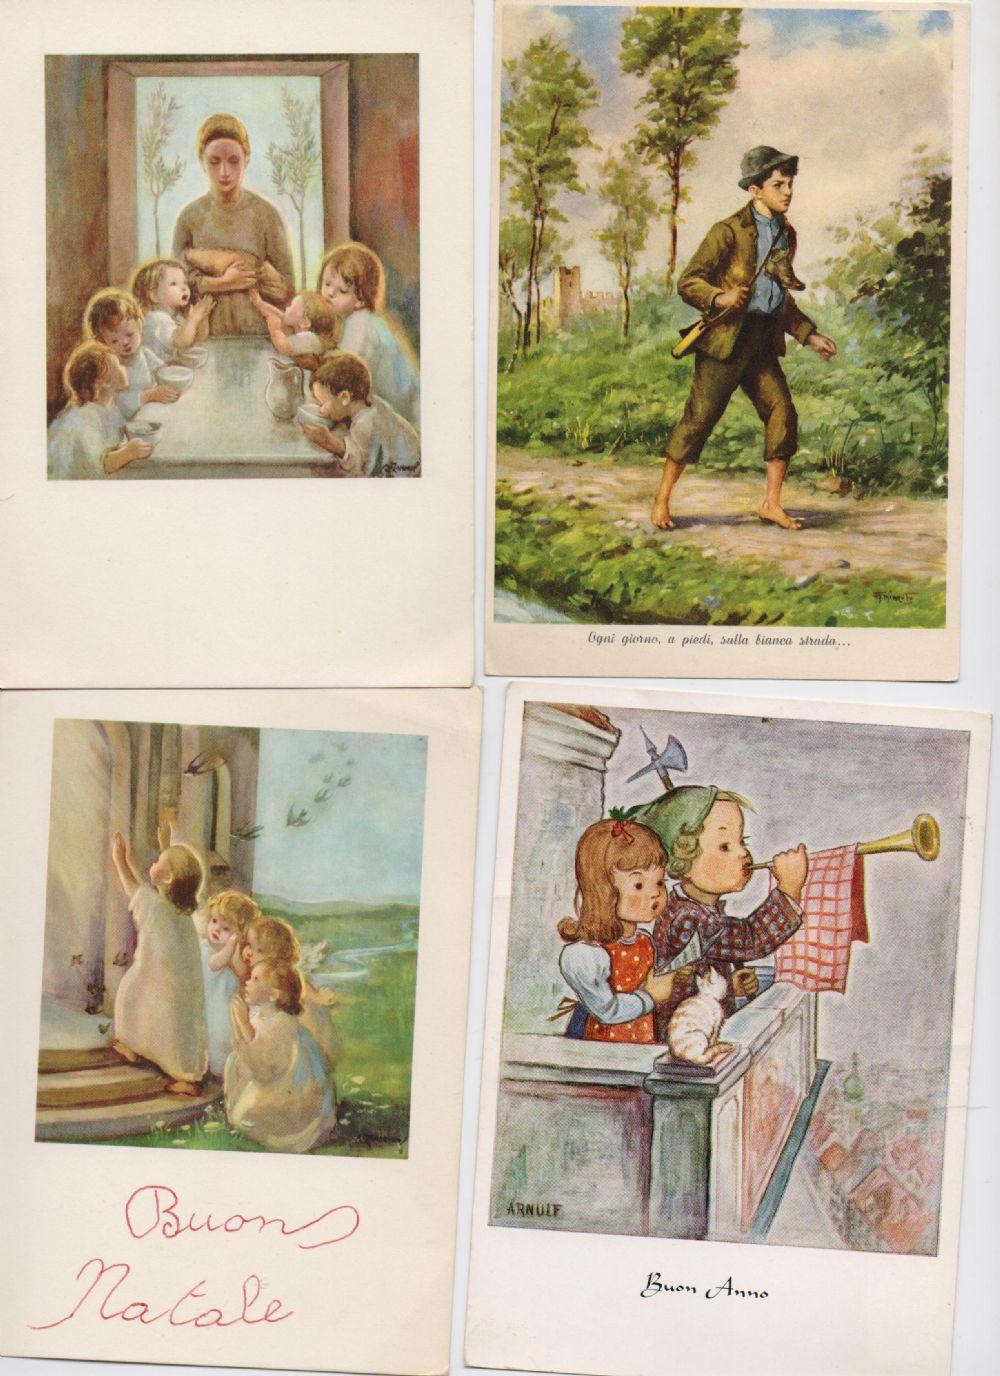 Immagini Cartoline Natale Vintage.Cartoline Natale Vintage